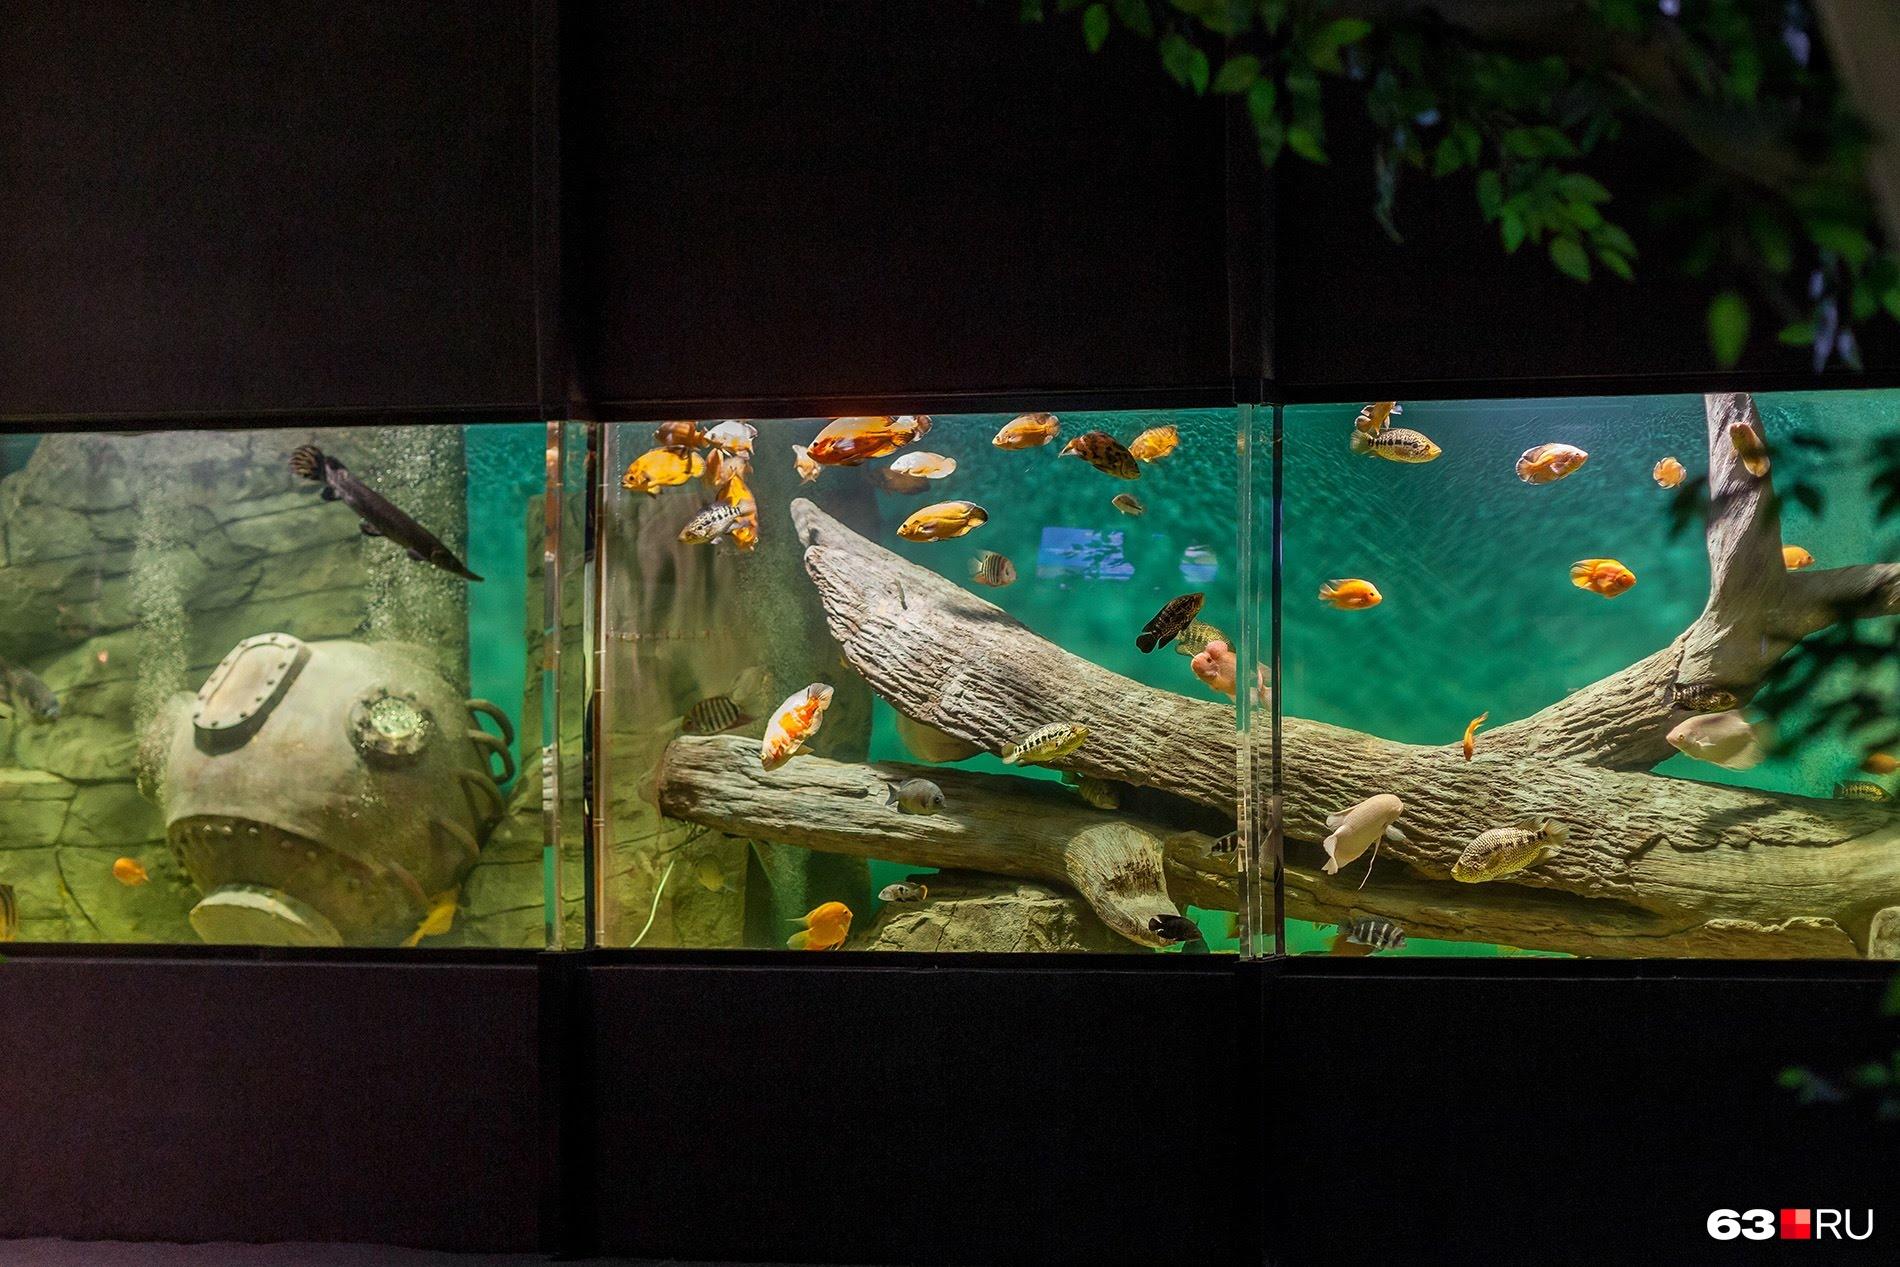 За тонкой перегородкой живут разные виды рыб